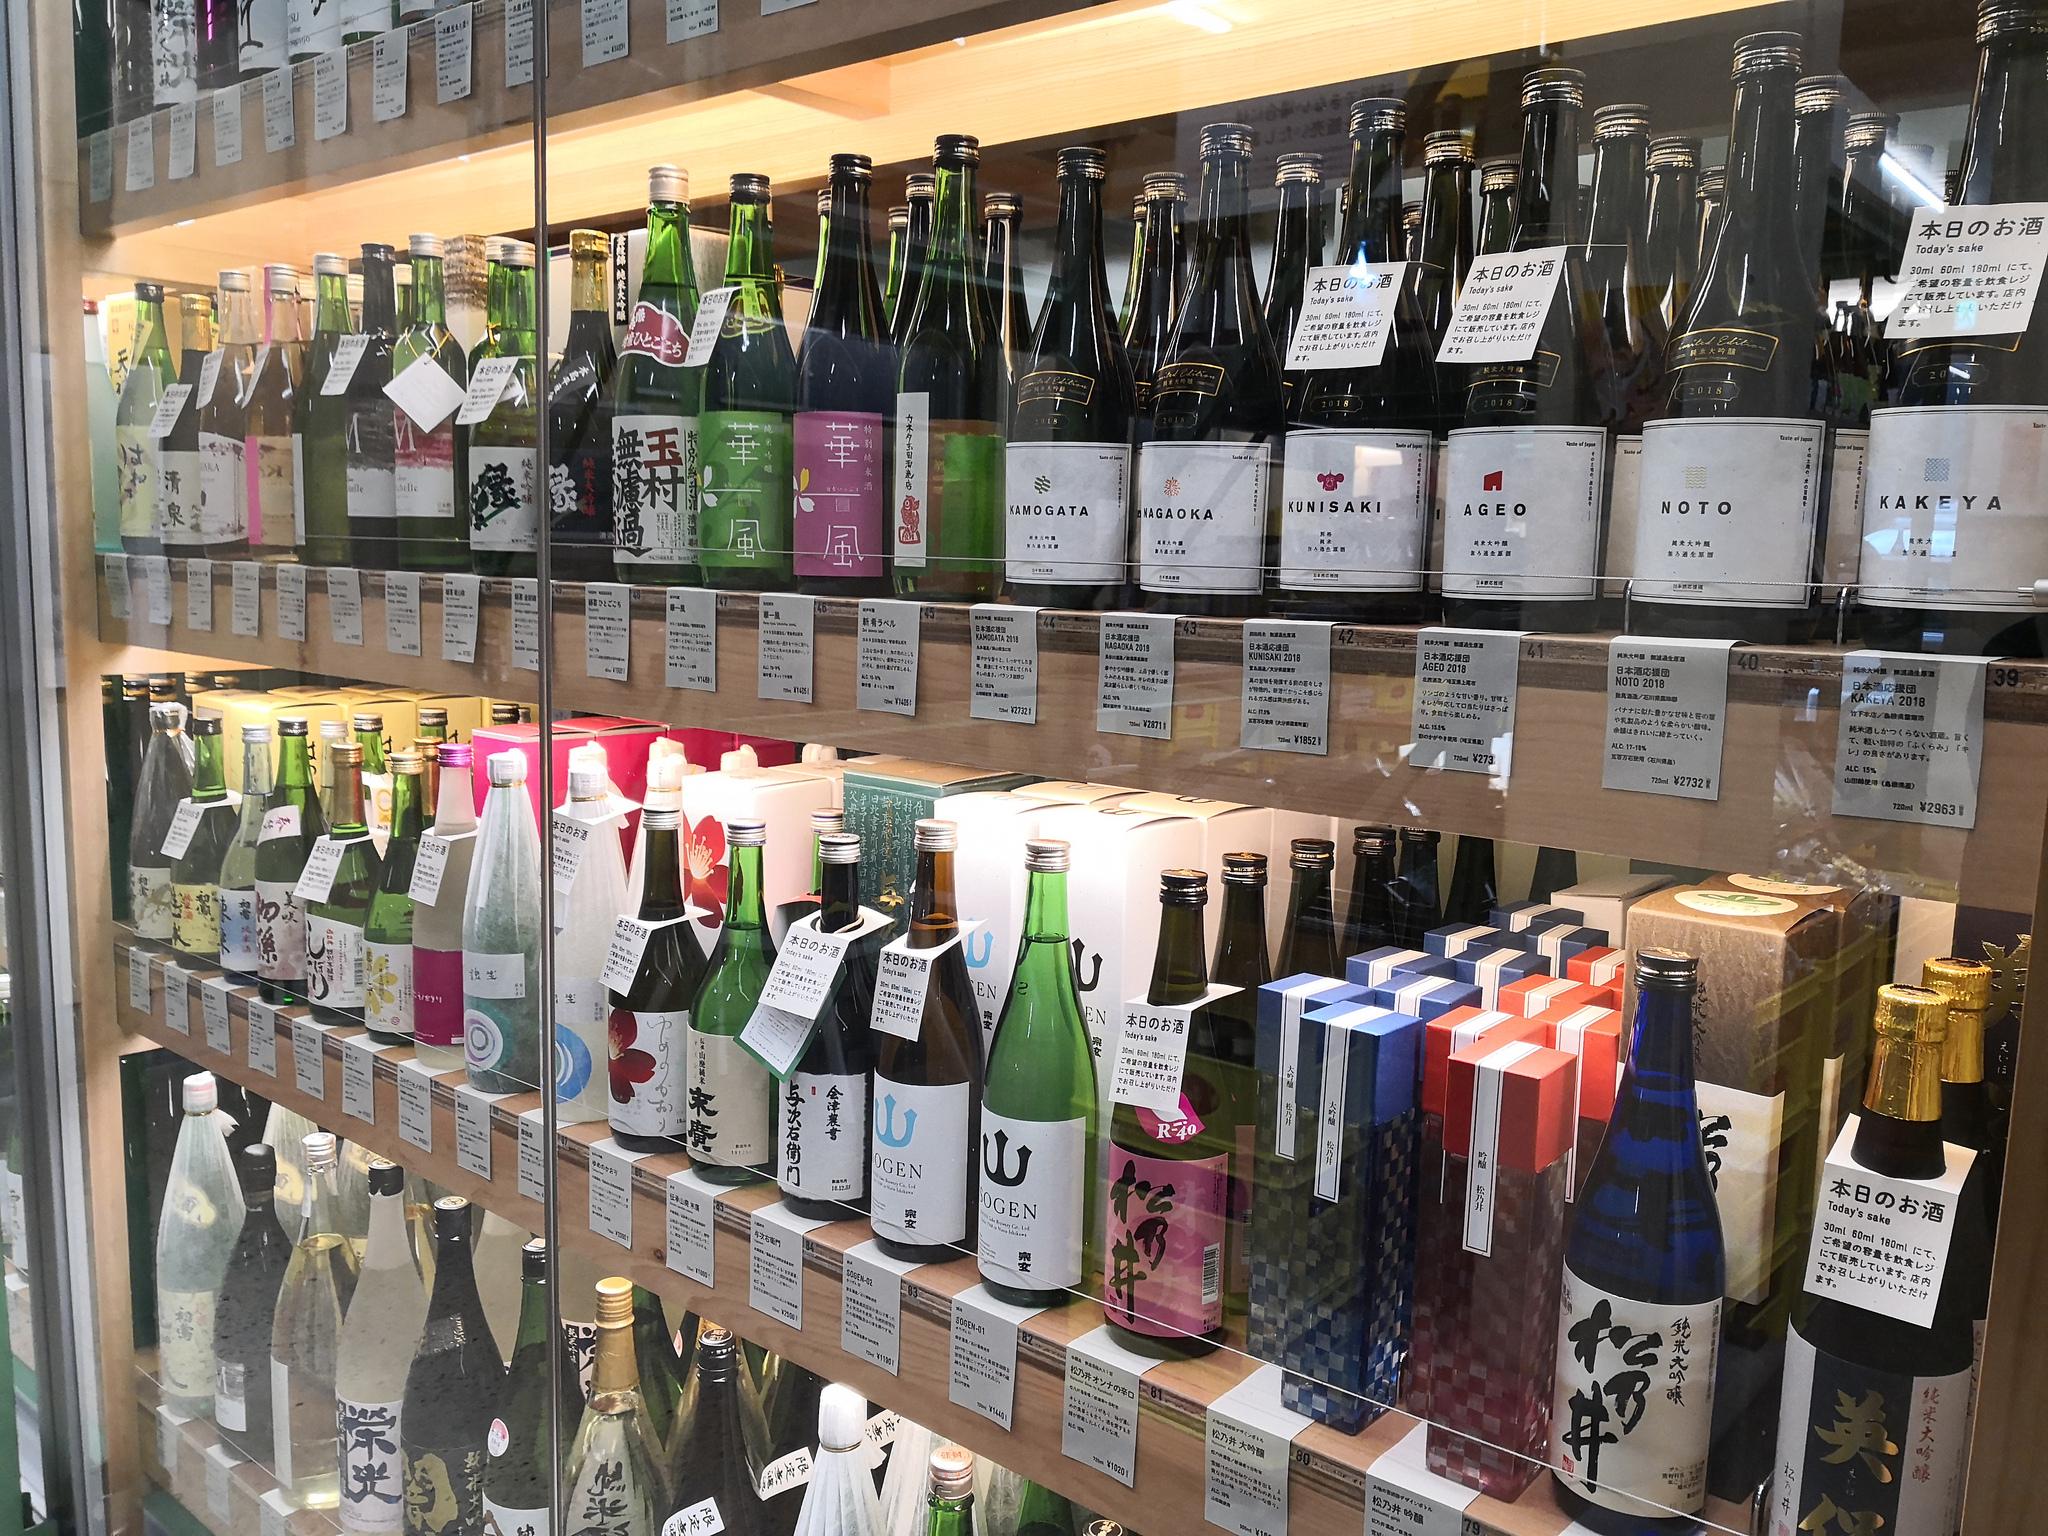 【五反田】桑原商店@倉庫をリノベしたエッジの効いた酒屋の角打ち。レアな日本酒が常時40種類飲める!